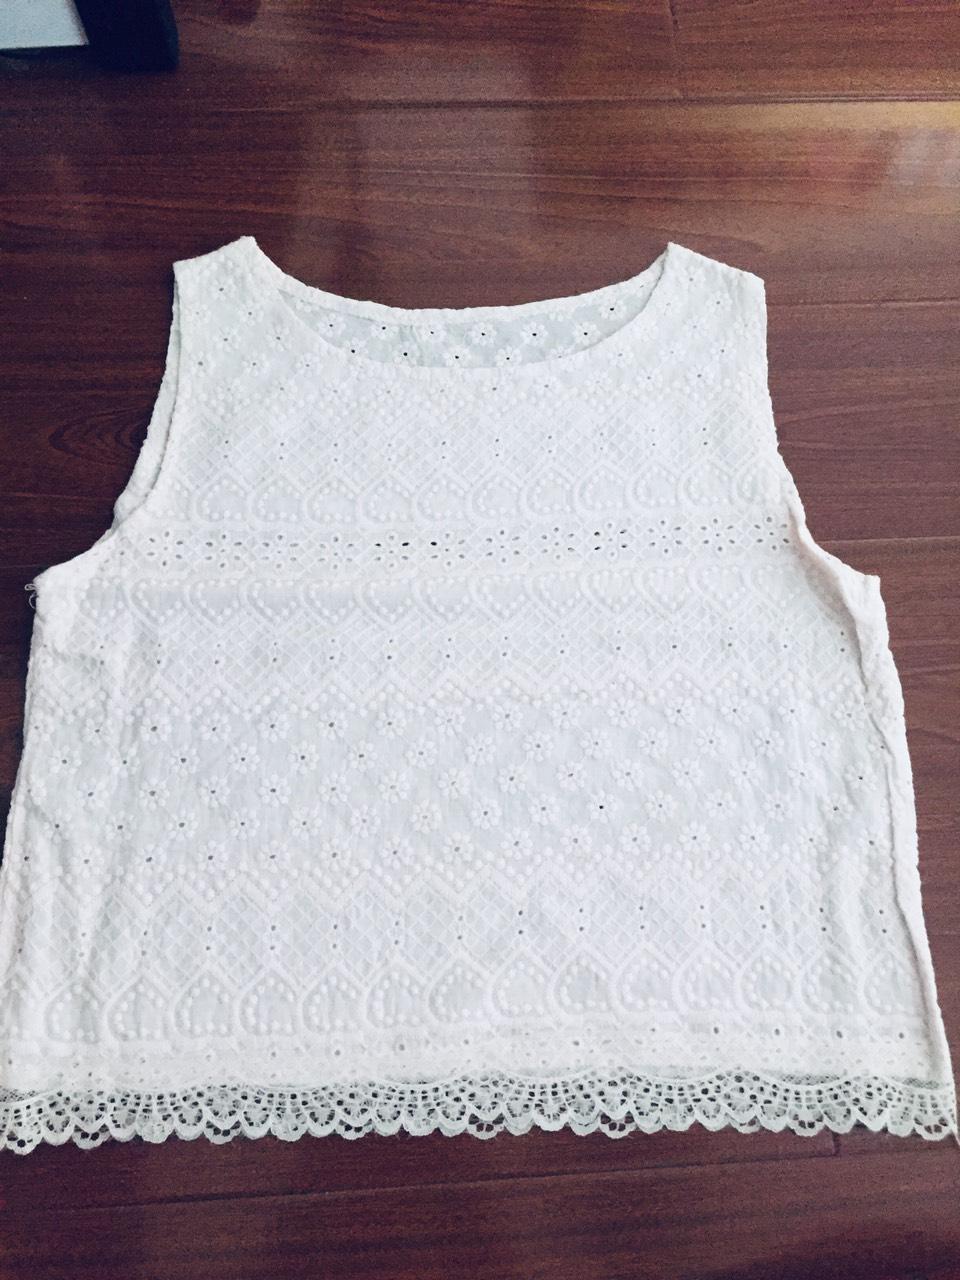 ren trắng 3-4t.jpg